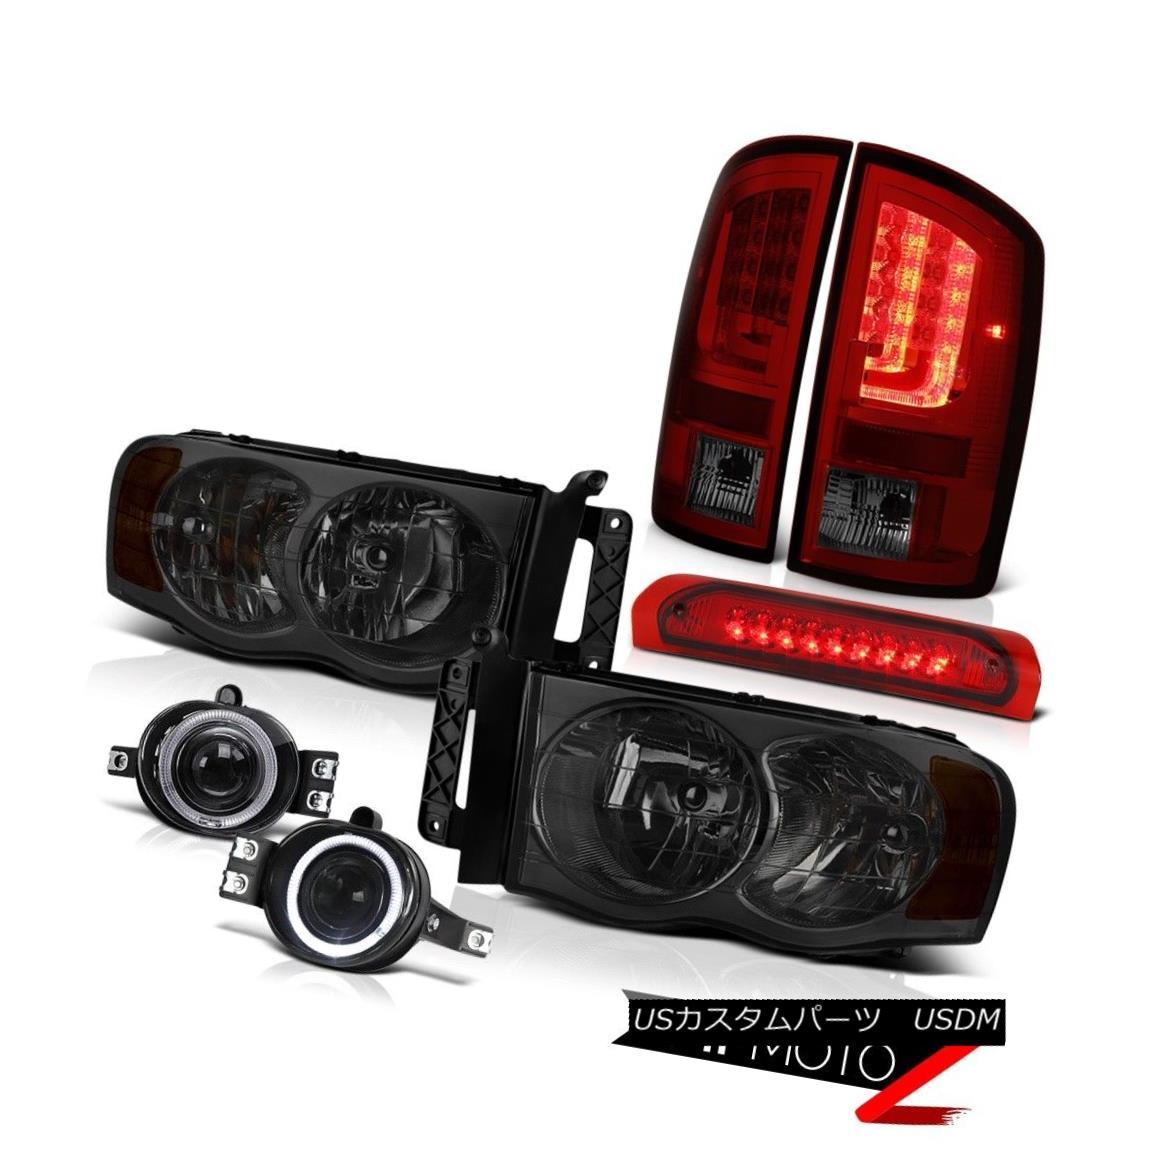 テールライト 02-05 Ram 1500 2500 1500 3.7L Taillamps Headlights Foglights Third Brake Light 02-05ラム1500 2500 1500 3.7Lトライアングルヘッドライトフォグライト第3ブレーキライト